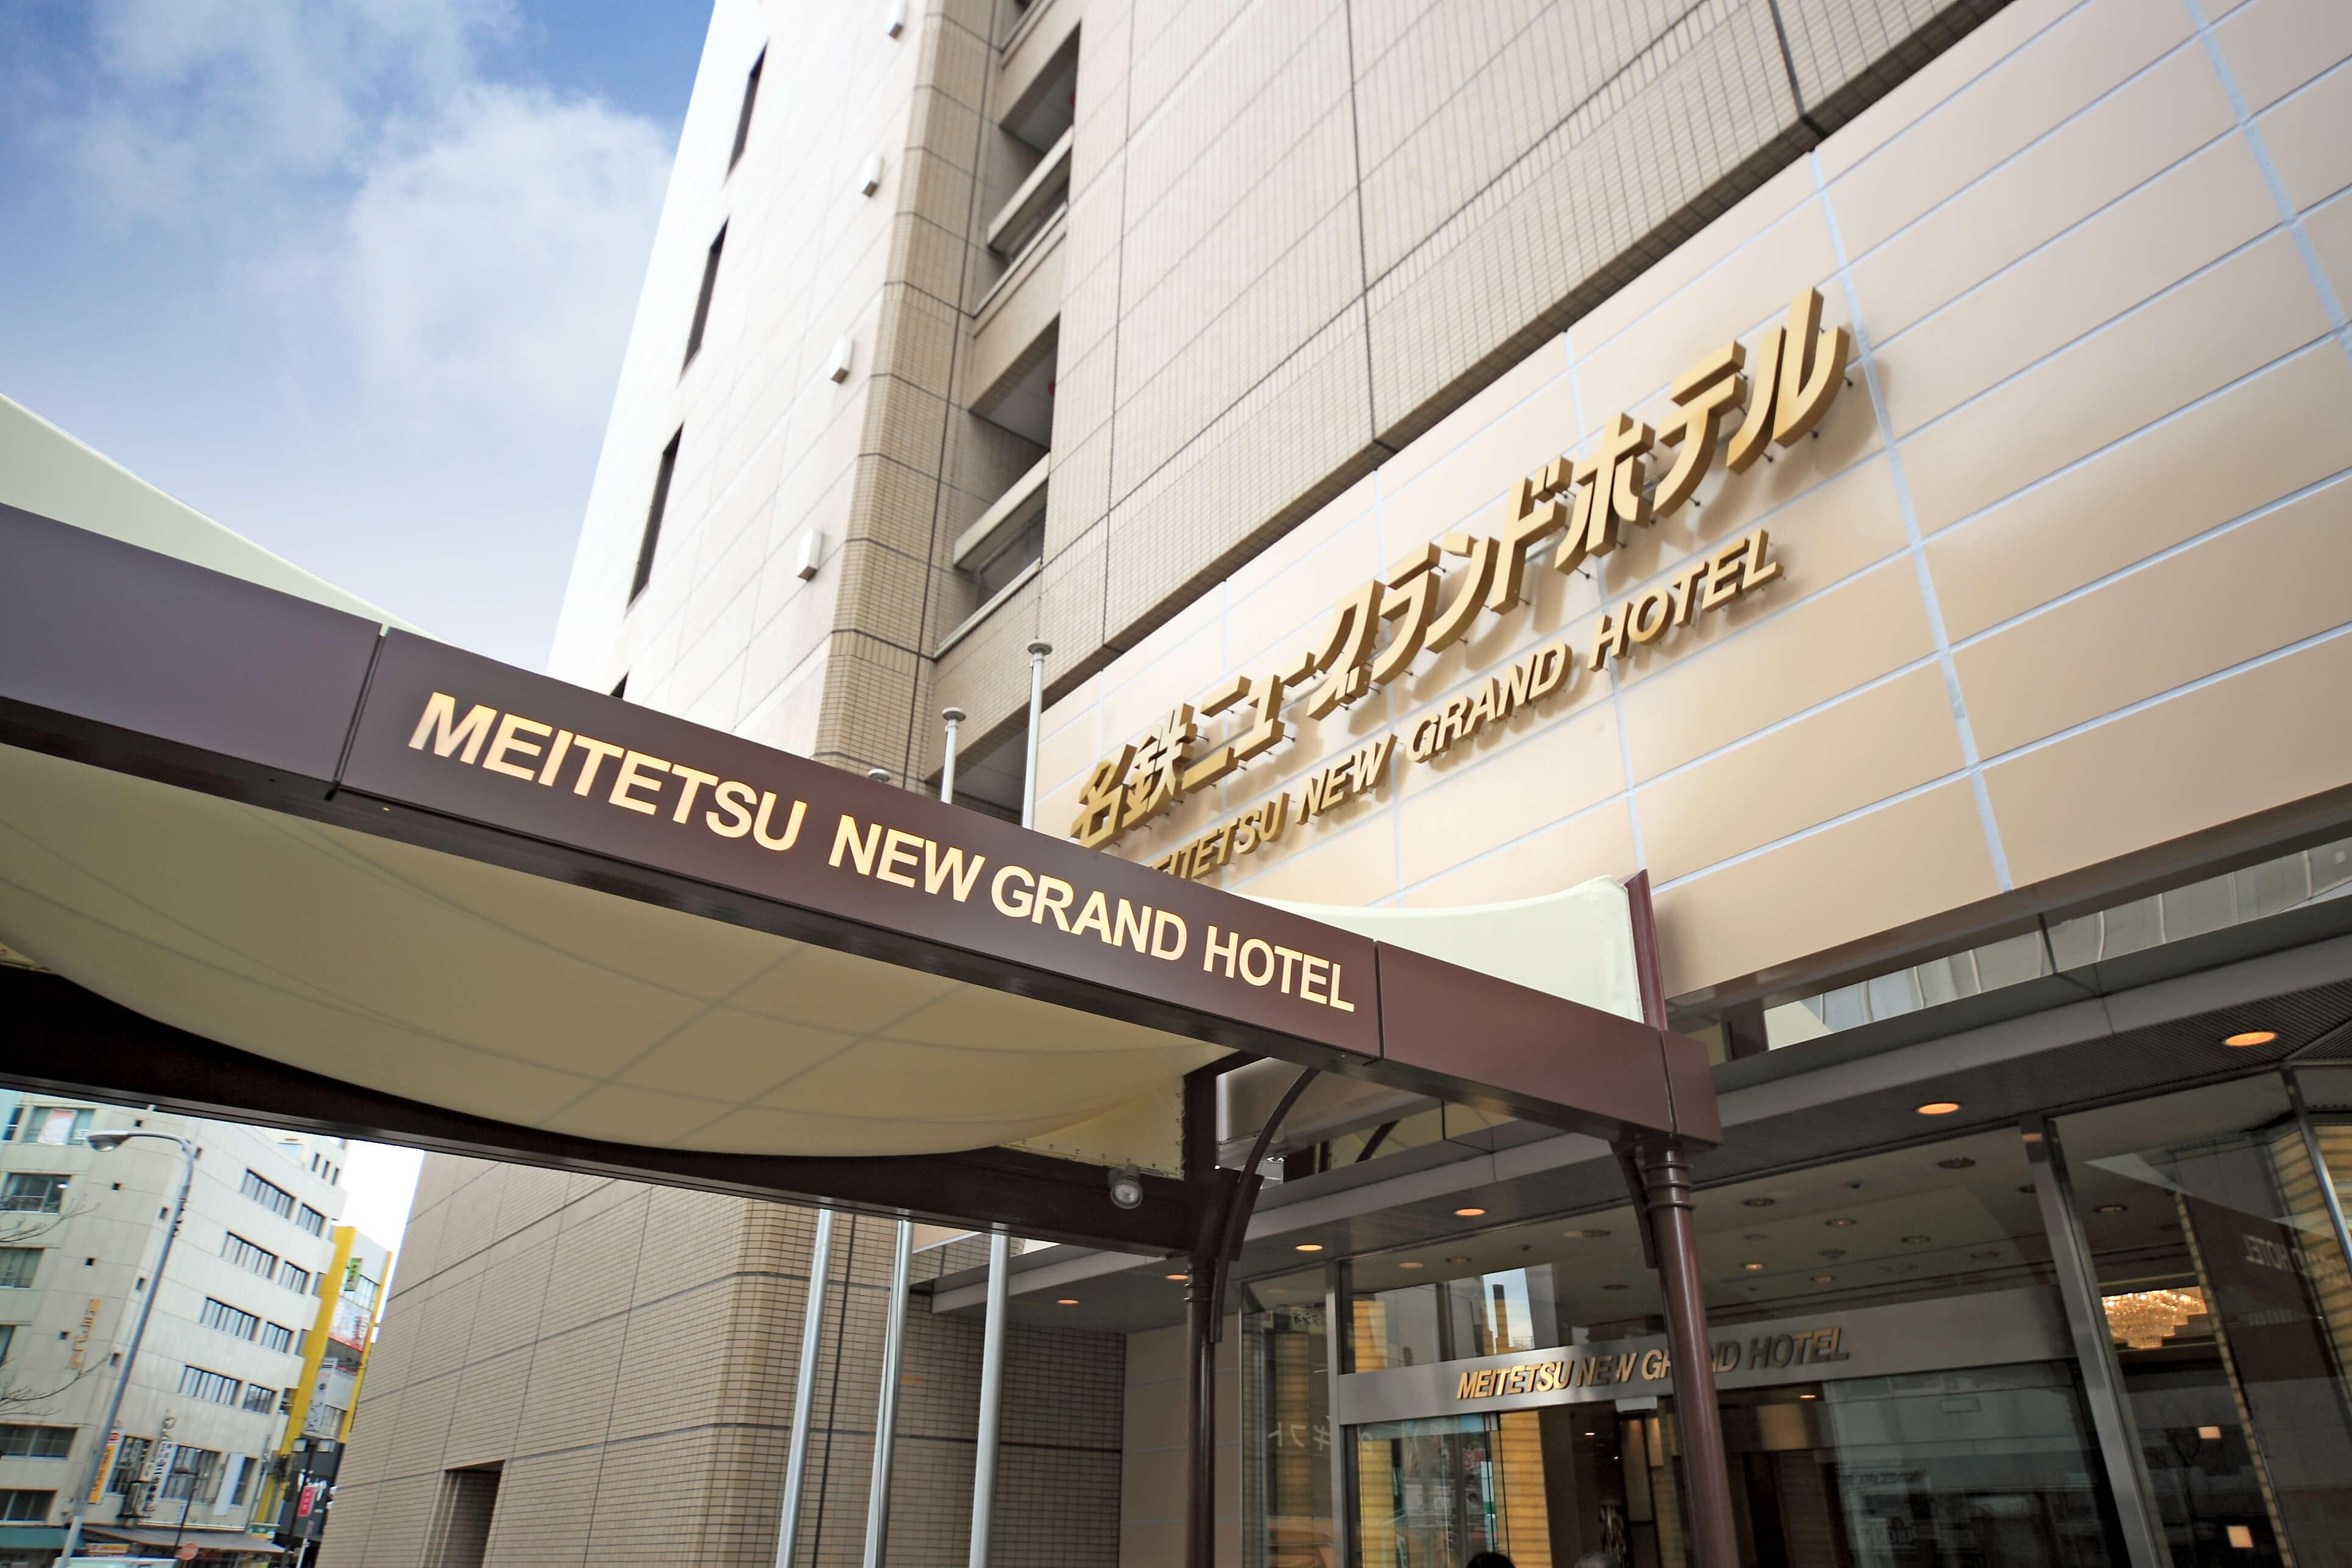 名古屋駅の新幹線改札に近い西口を出てすぐの場所にあるシティホテルです。